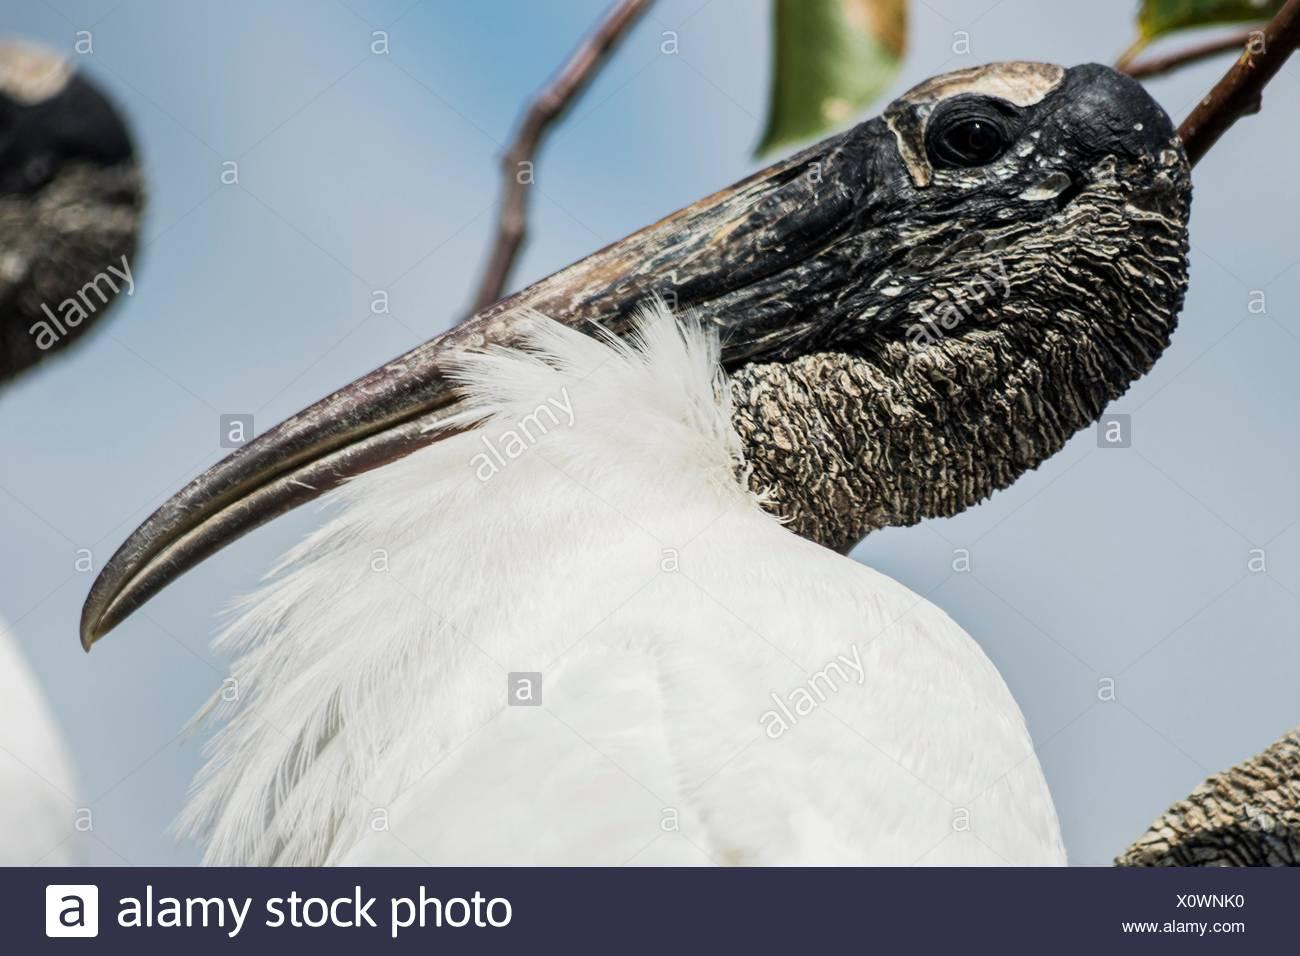 Porträt einer Holz Stork, Florida, USA. Stockbild